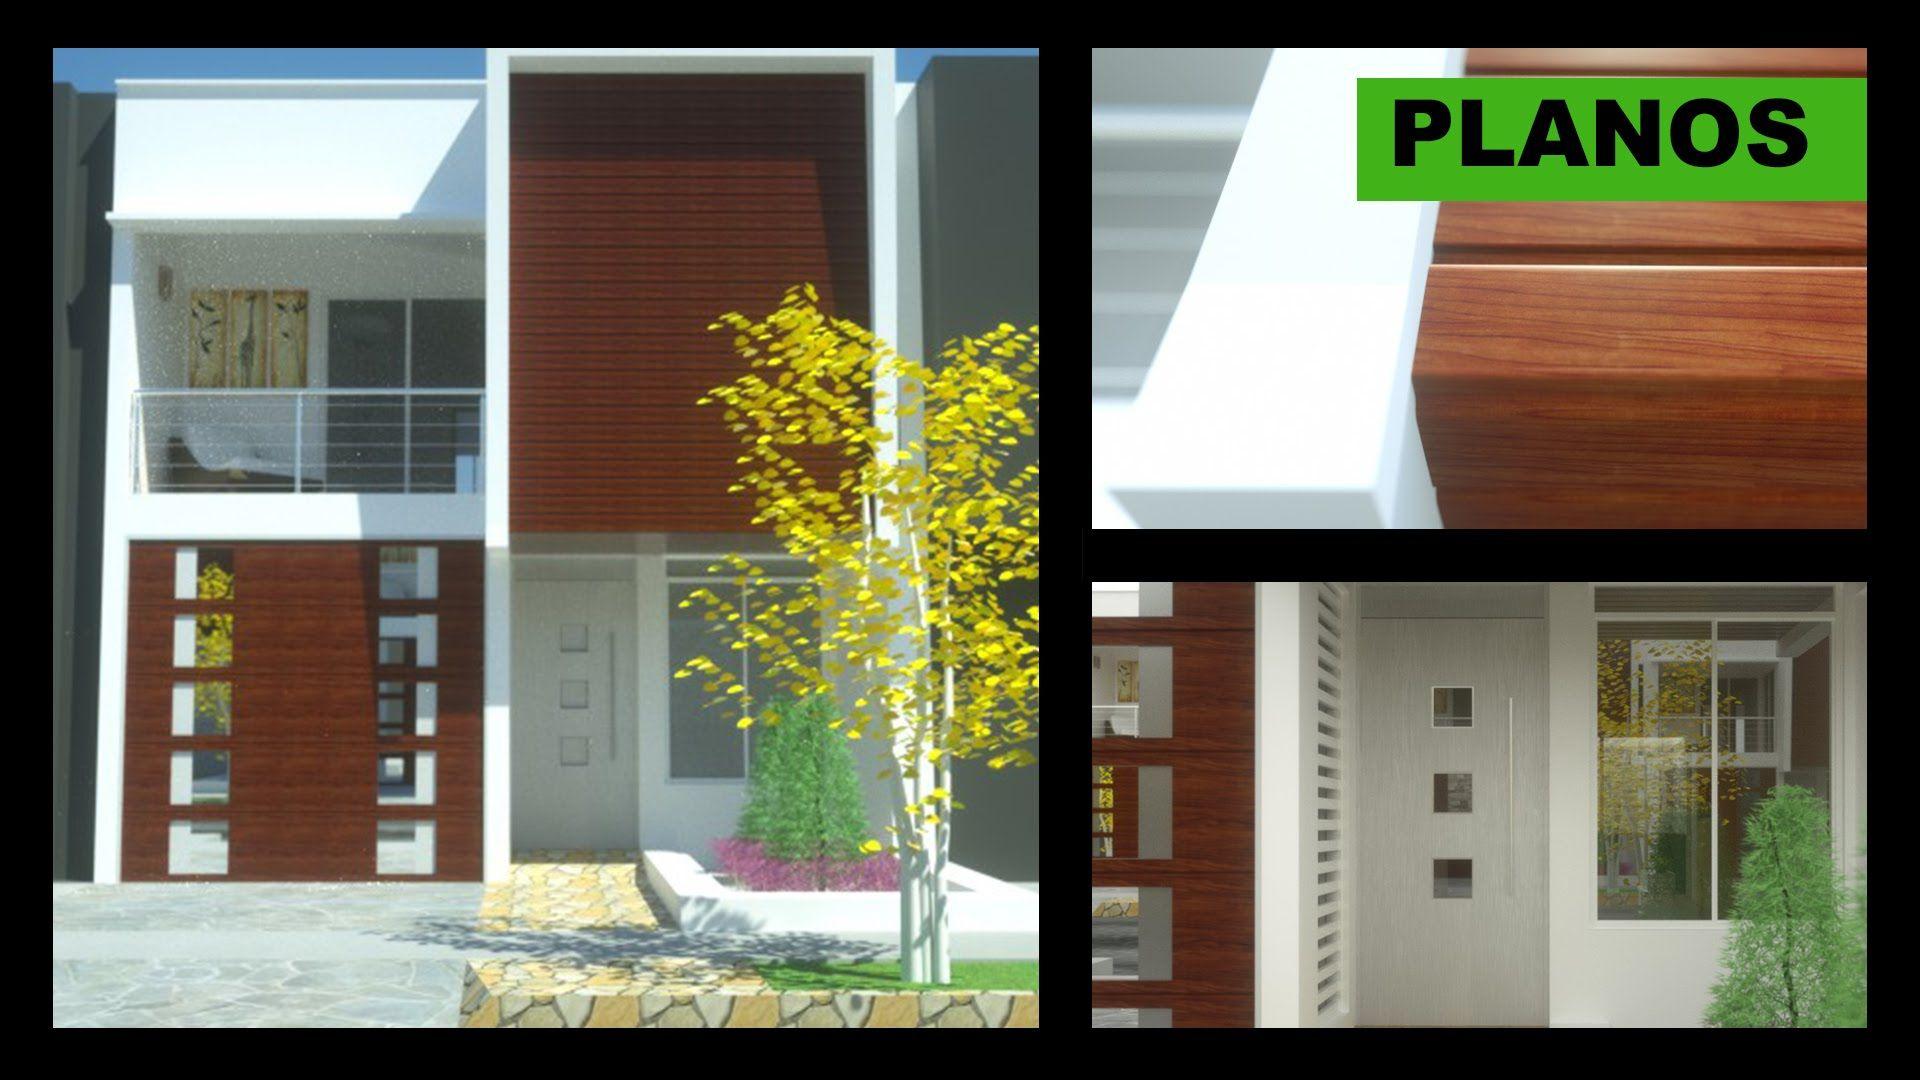 Planos casa moderna 2 pisos 6m x 12m villa del sol for Planos para casas modernas